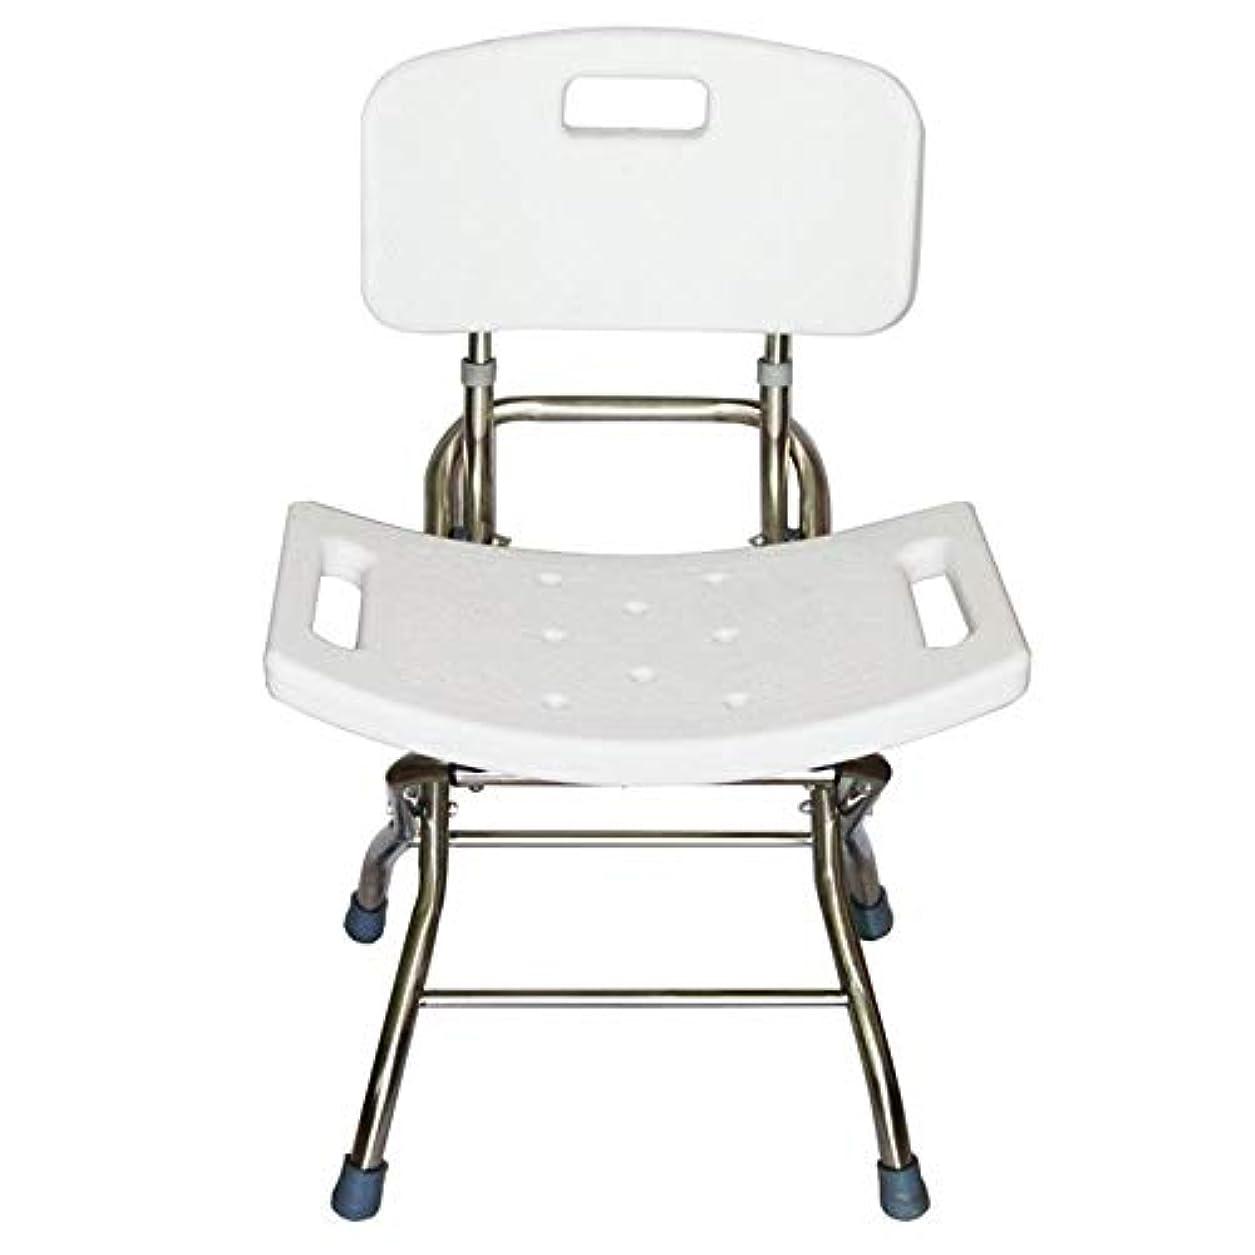 基礎無視できるの慈悲で背部およびシャワー?ヘッドのホールダーが付いているデラックスな高さの調節可能なアルミニウムBath/シャワーの椅子